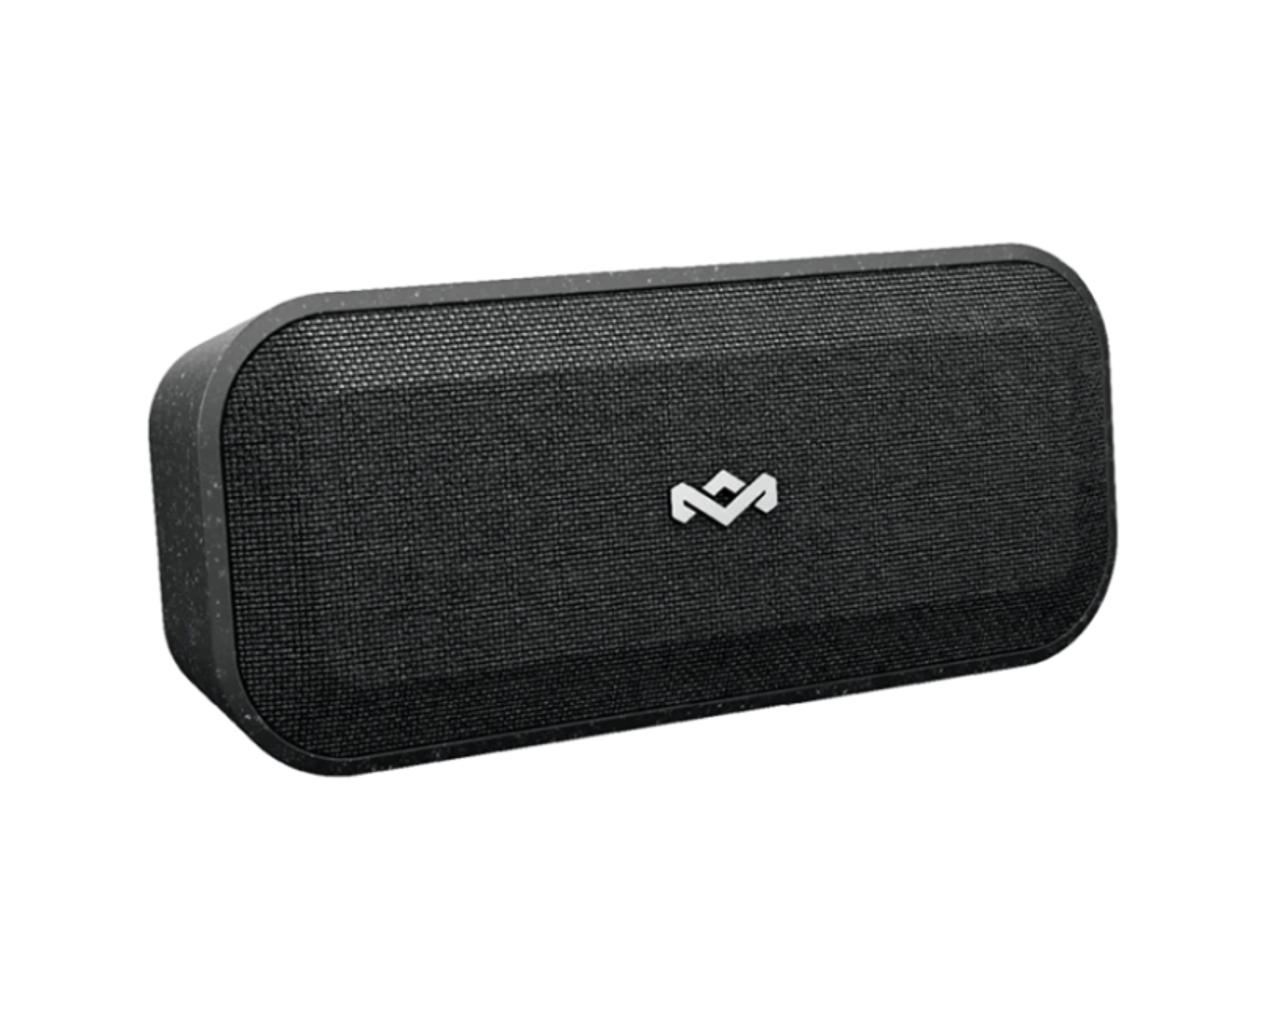 House of Marley EMJA017 No Bounds XL REGRIND Cork Portable Bluetooth Speaker - Black